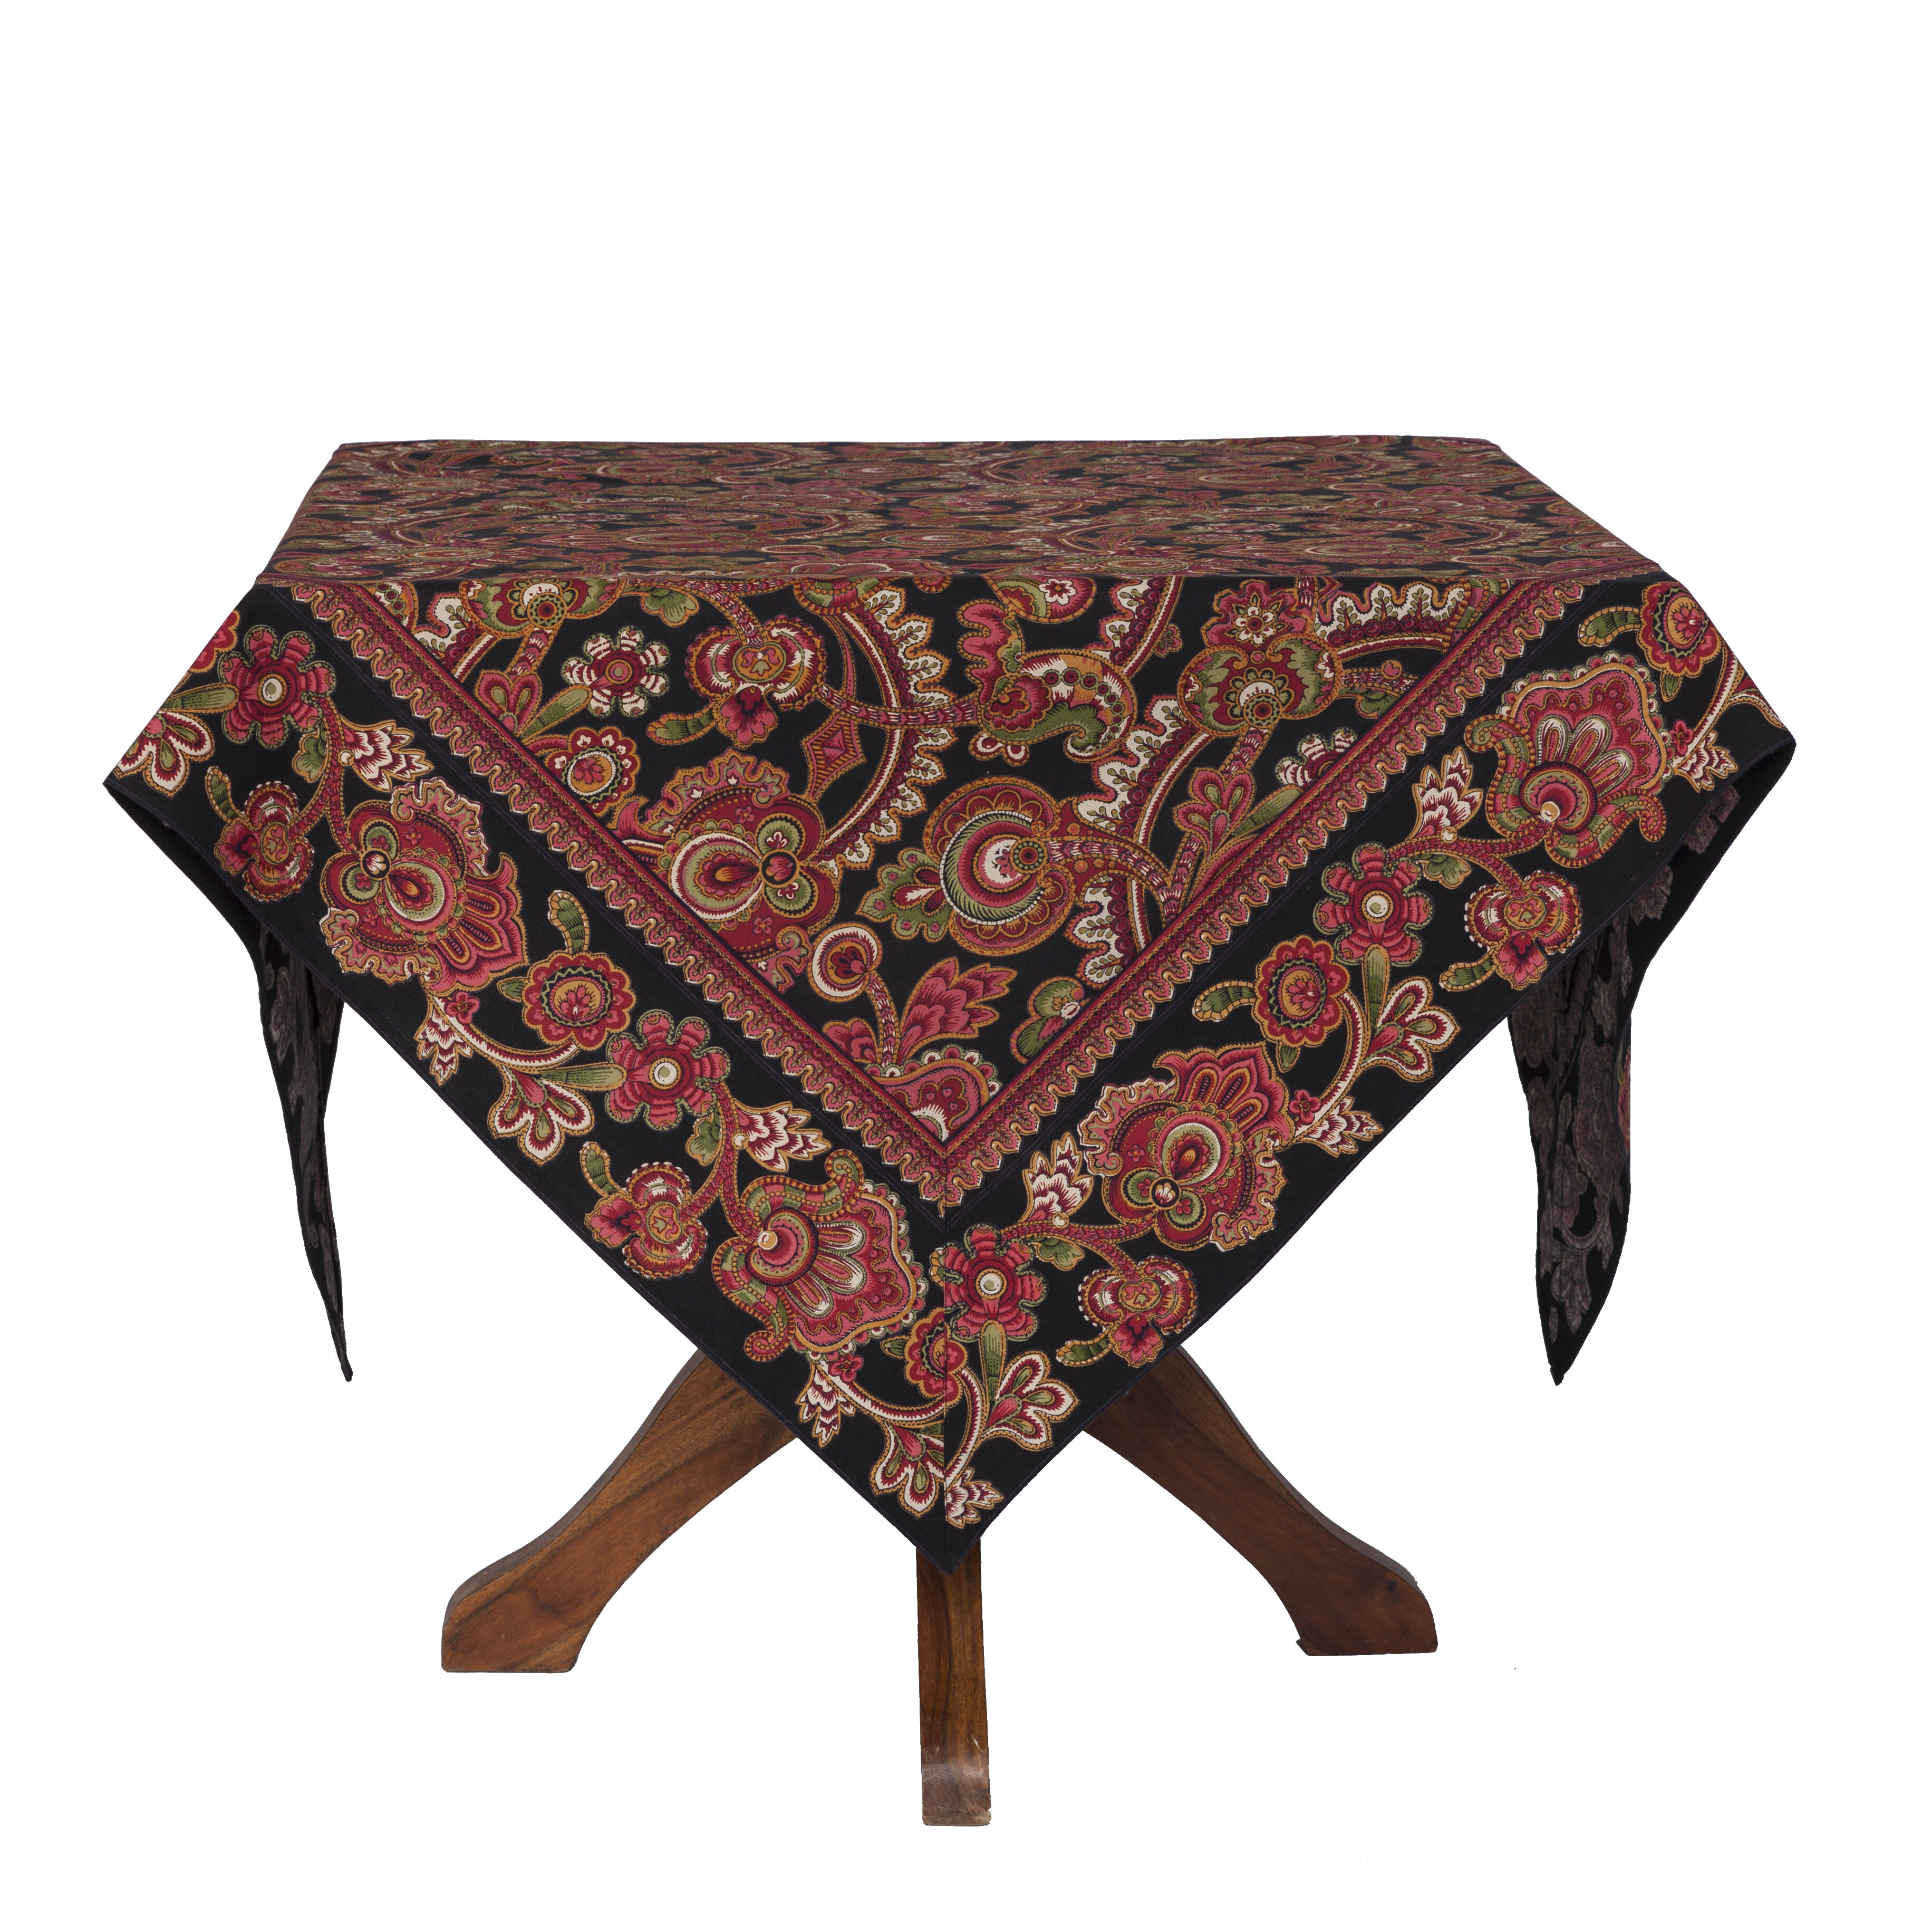 Merveilleux Darby Home Co Liana Paisley Tablecloth | Wayfair